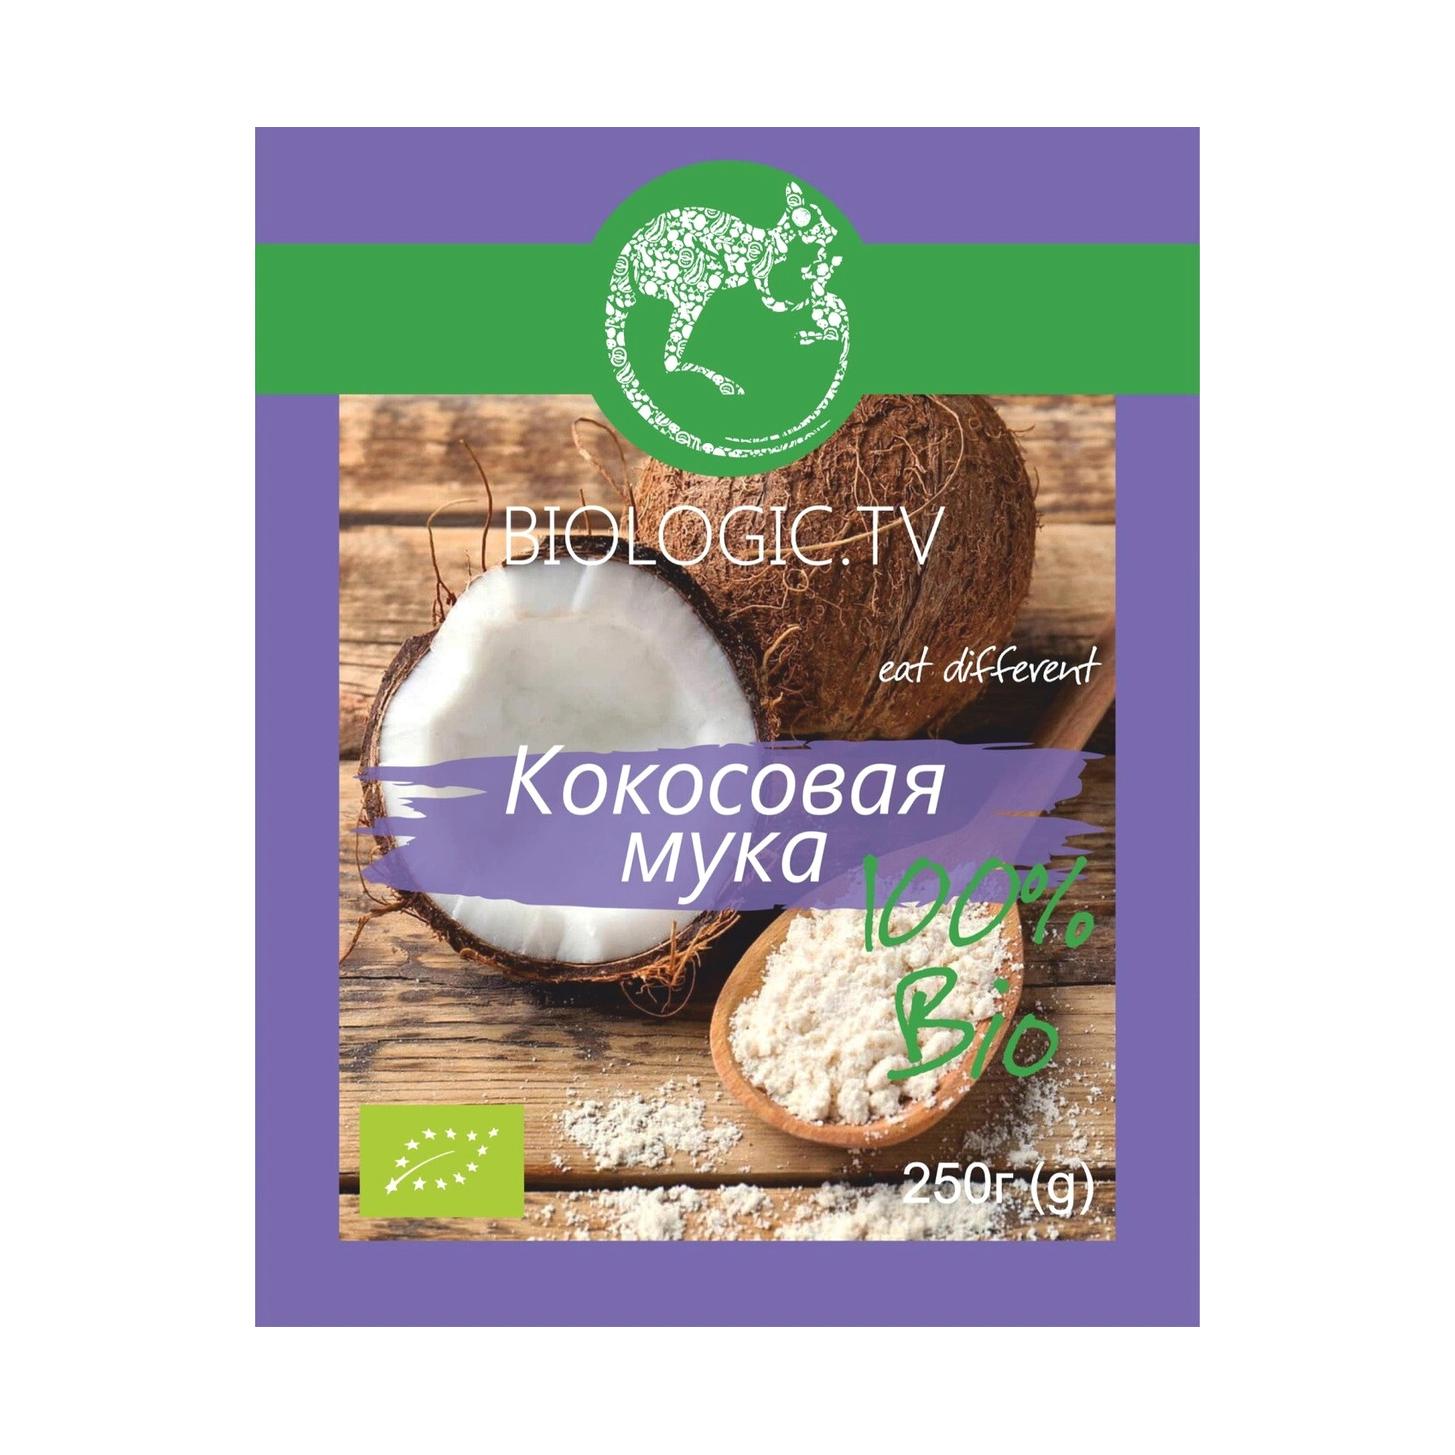 Мука кокосовая Biologic.TV 250 г фото